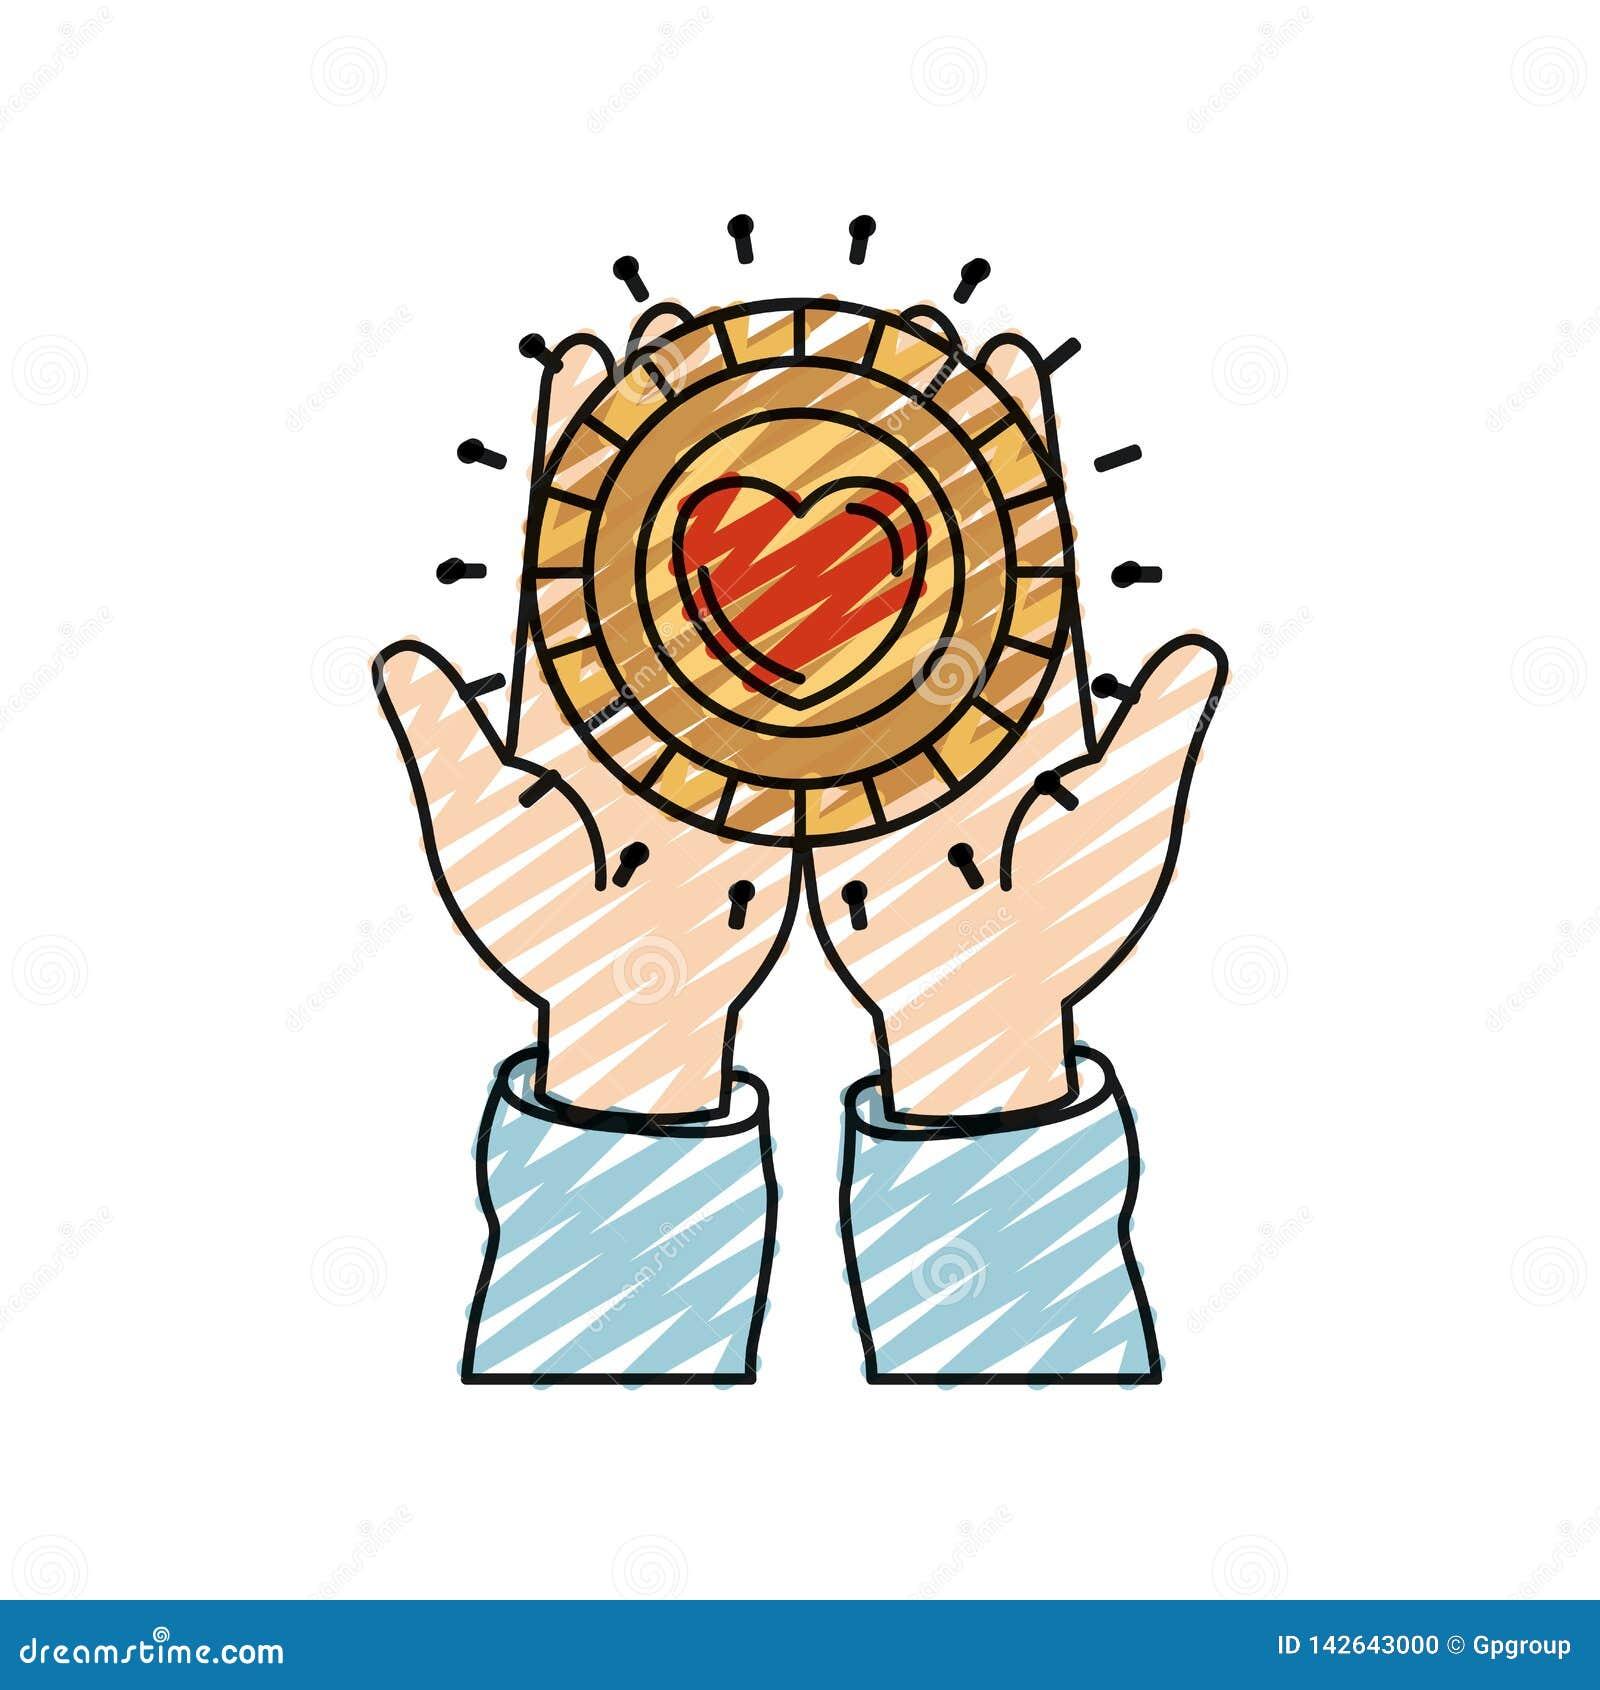 Μπροστινή άποψη σκιαγραφιών κραγιονιών χρώματος των χεριών που κρατά στις παλάμες ένα νόμισμα με τη μορφή καρδιών μέσα στο σύμβολ